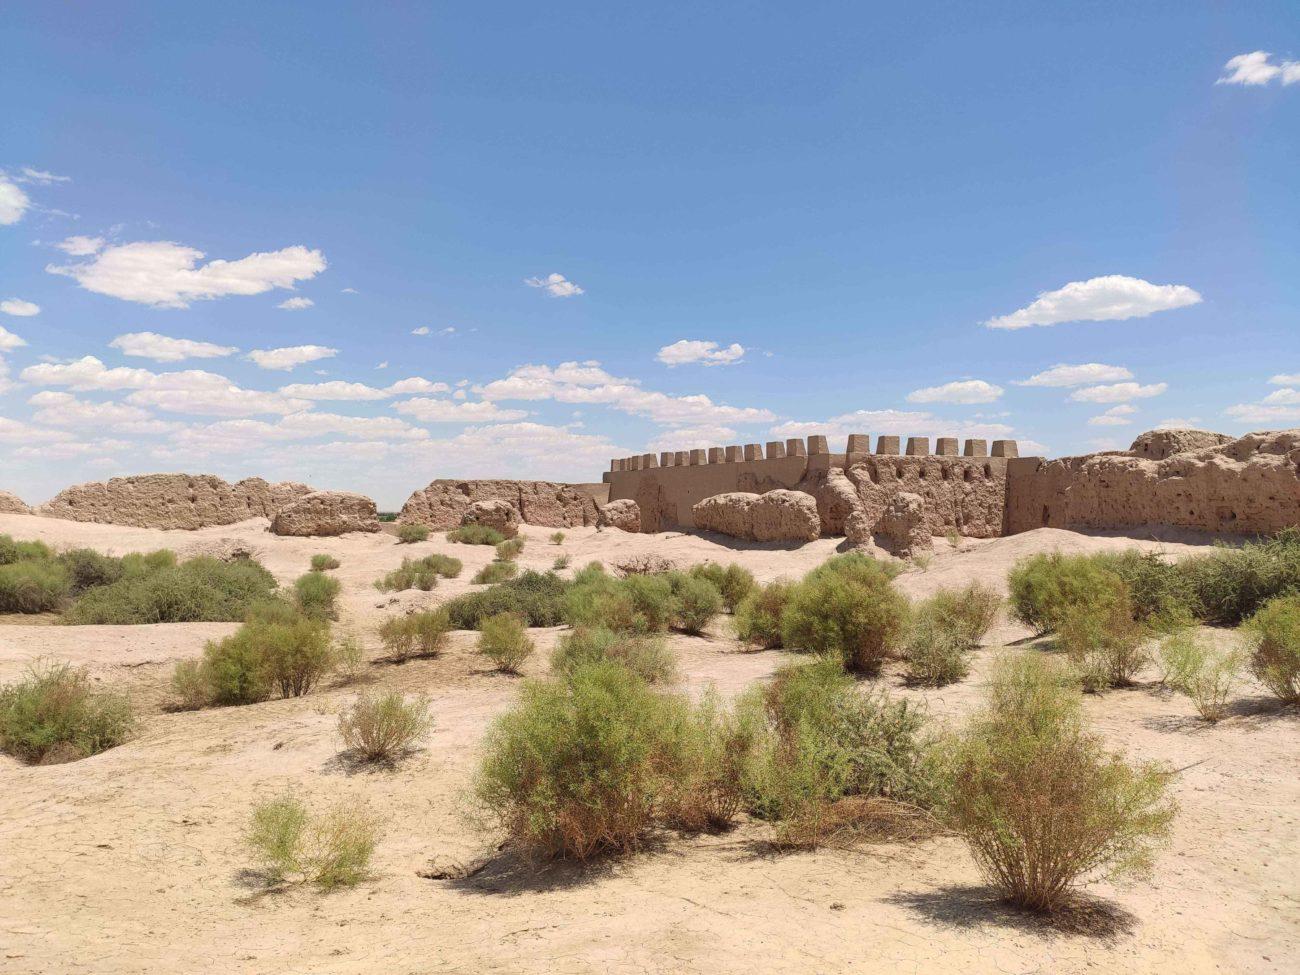 Photo du jour Ouzbékistan Khorezm